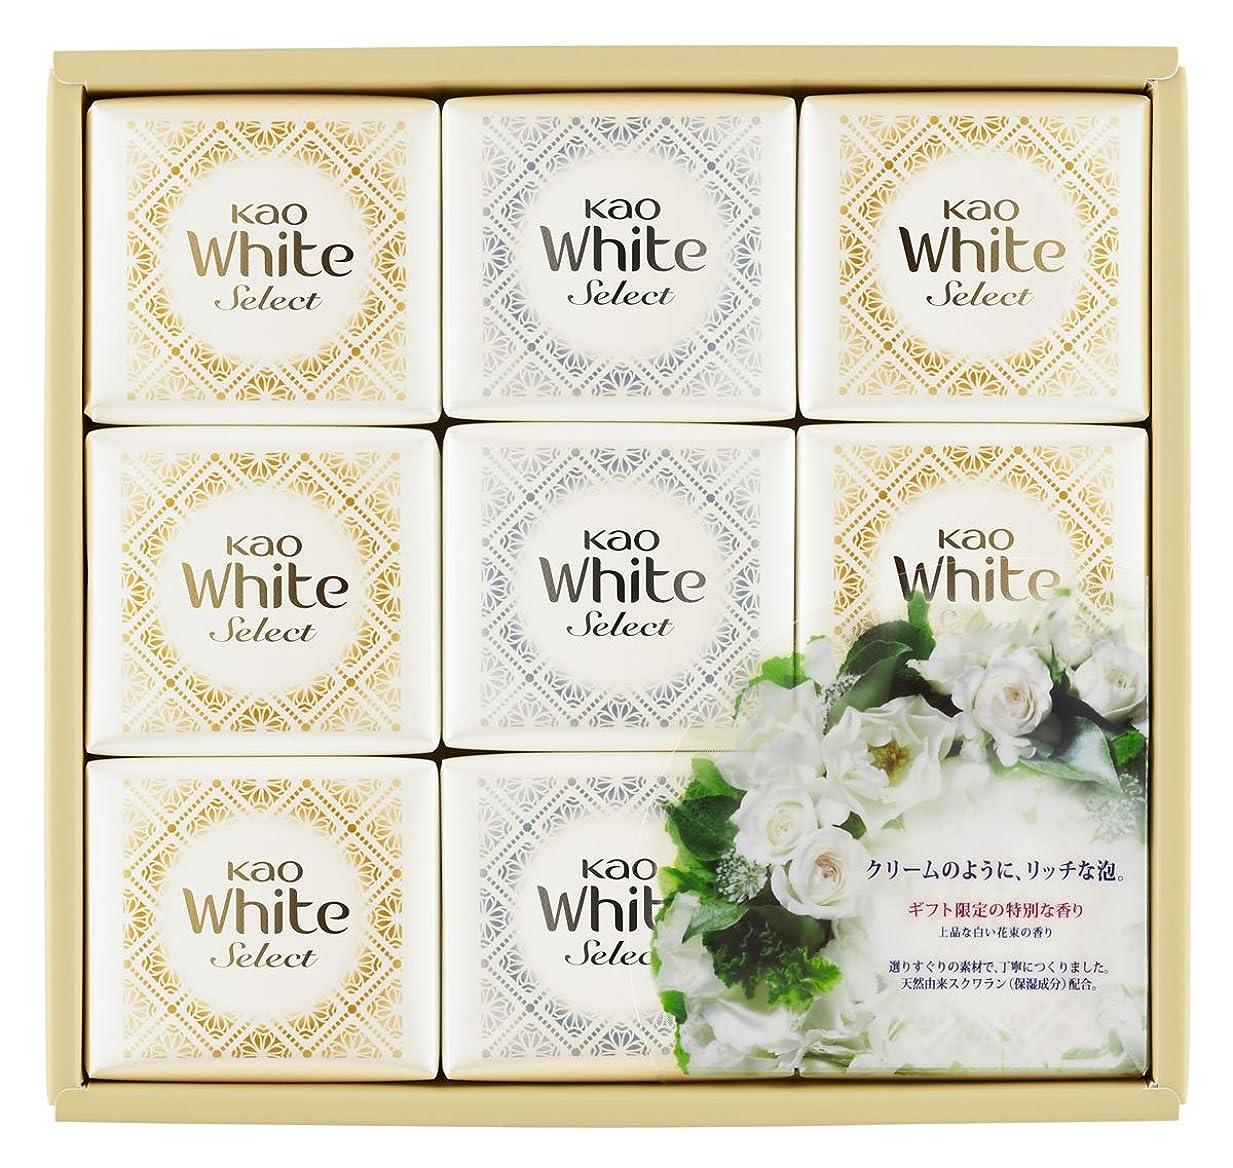 はねかける落ちたセージ花王ホワイト セレクト 上品な白い花束の香り 85g 9コ K?WS-15